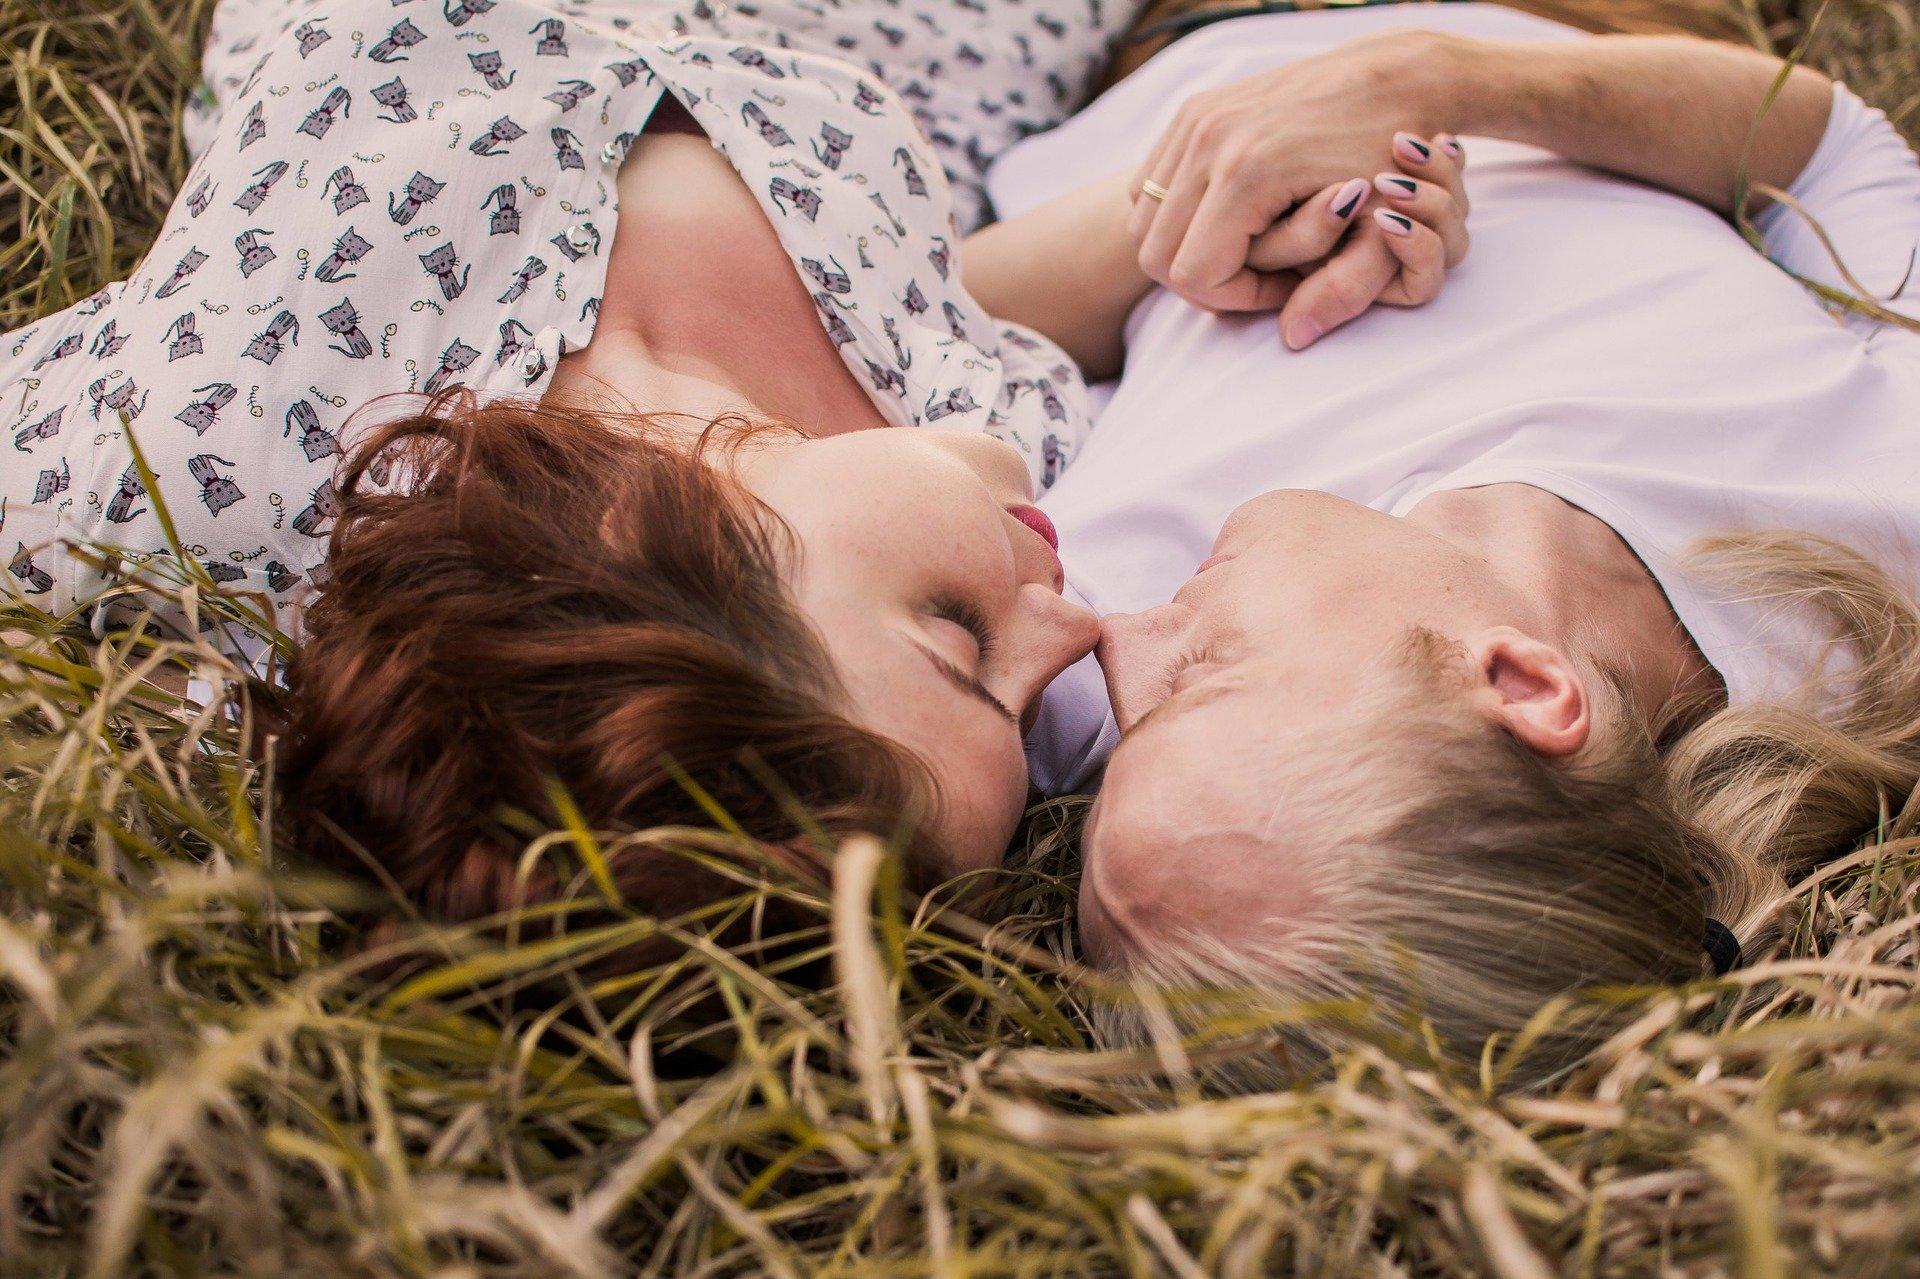 Como ter um relacionamento firmado em Deus?